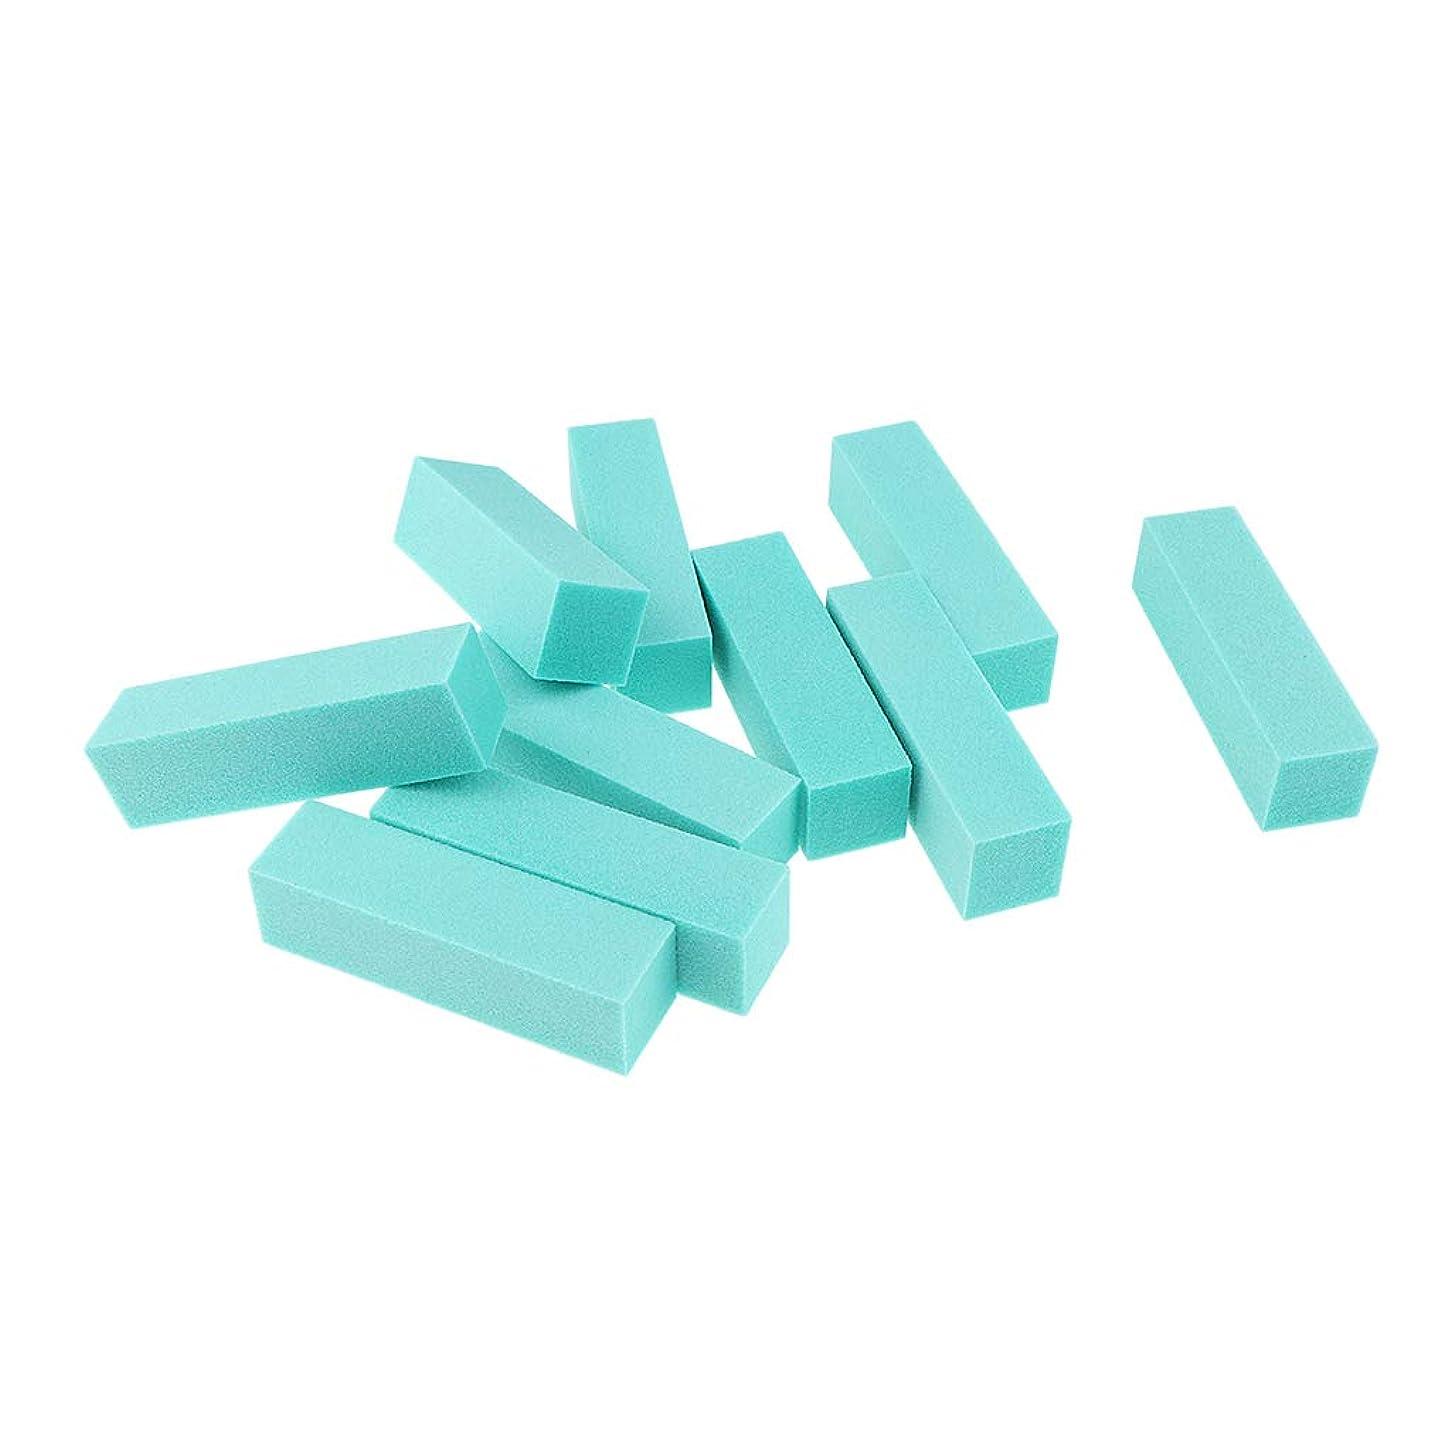 株式会社美的抽象化10個 ネイルアートファイル バッファーファイルブロック ゲル/UV研磨用 6色選べ - 緑